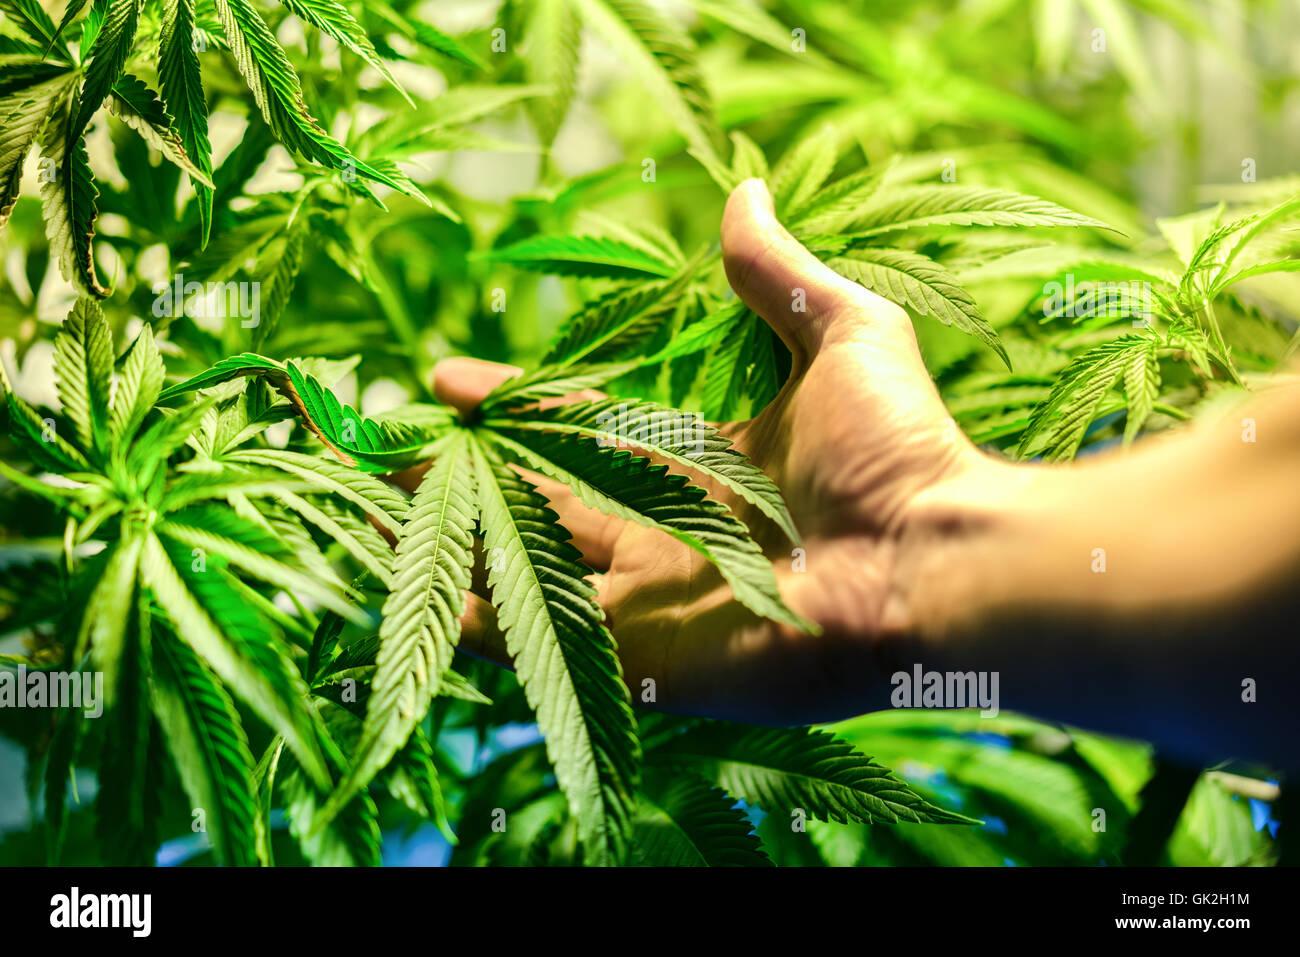 Plantation de cannabis en intérieur avec une main à l\'avant-plan ...